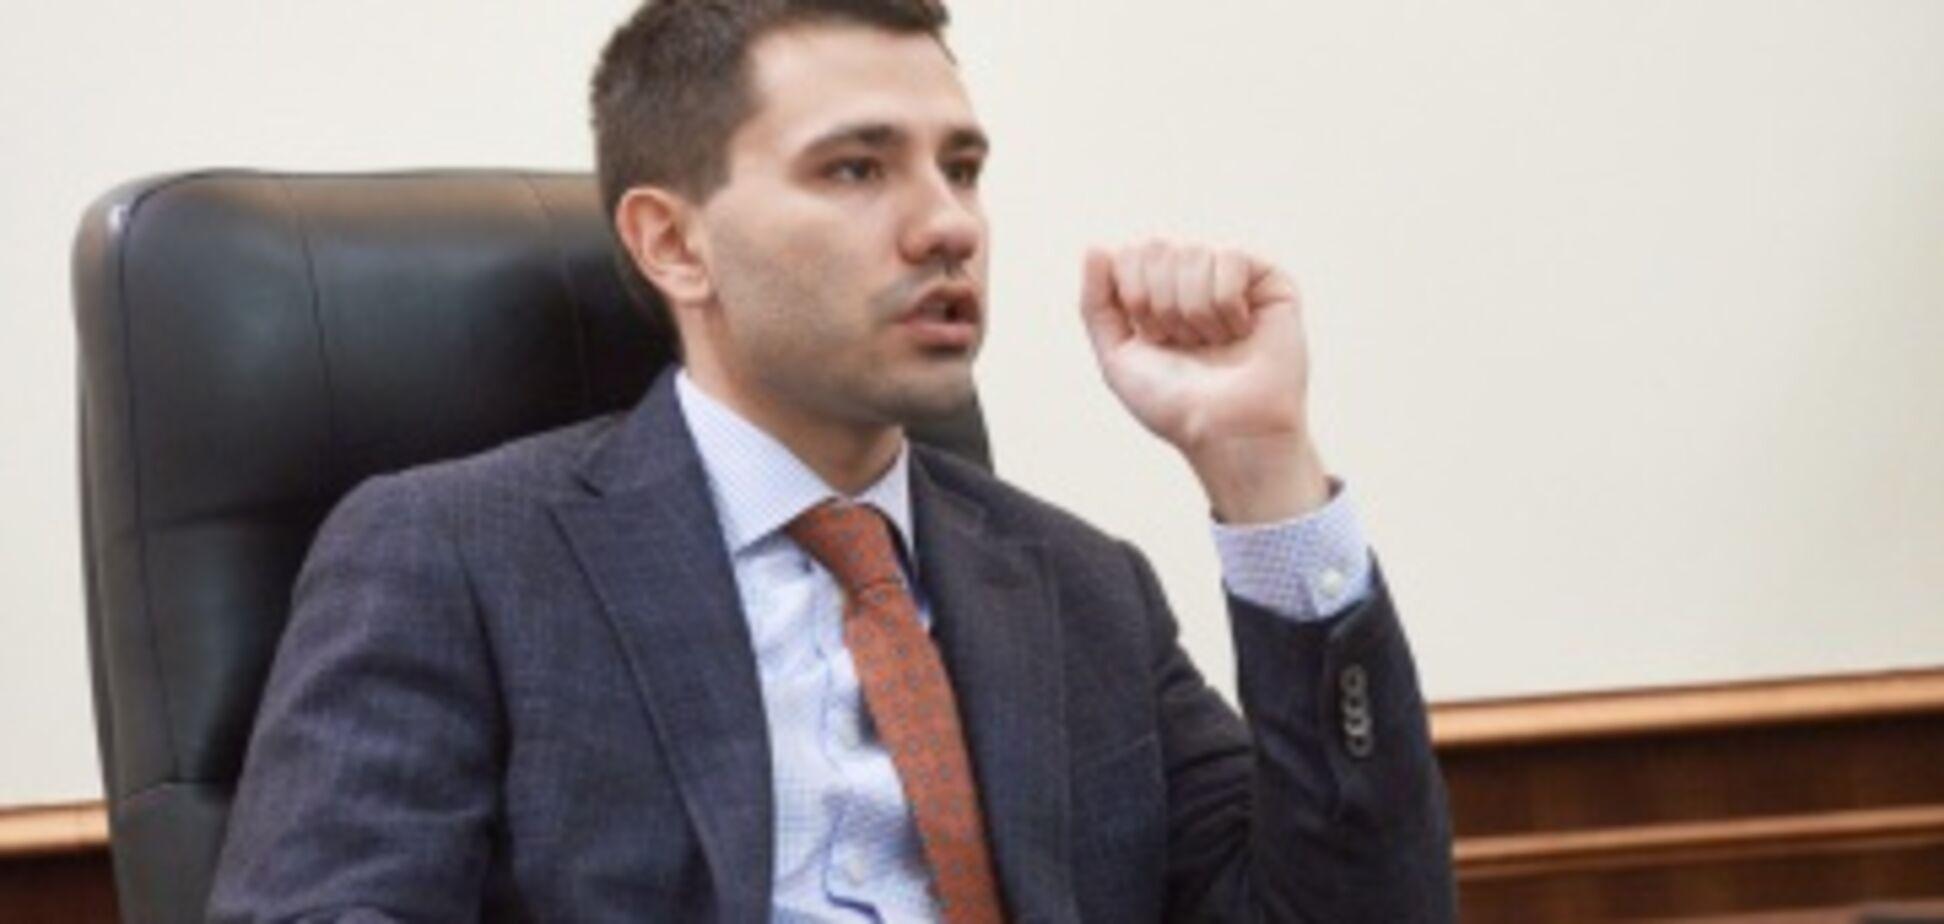 Павел Барбул: 'Спецтехноэкспорт' наращивает инвестиционную поддержку перспективных оборонных разработок